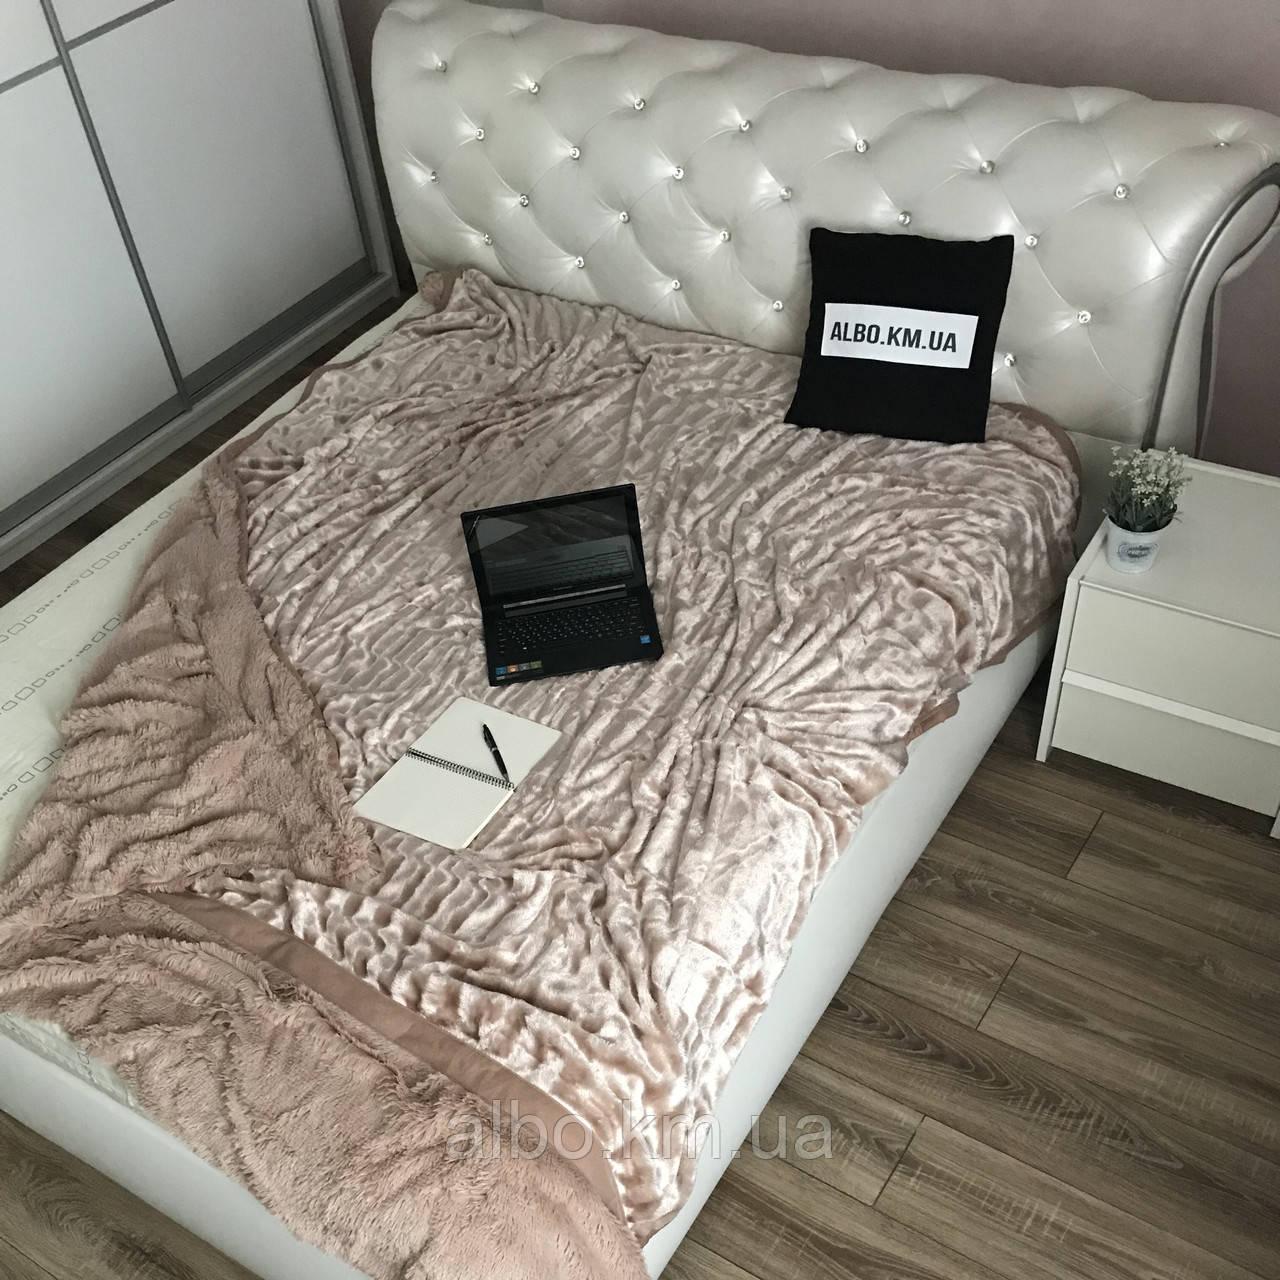 Покрывало из искуственного меха на кровать диван, двуспальное покрывало в комнату на кровать диван, покрывала